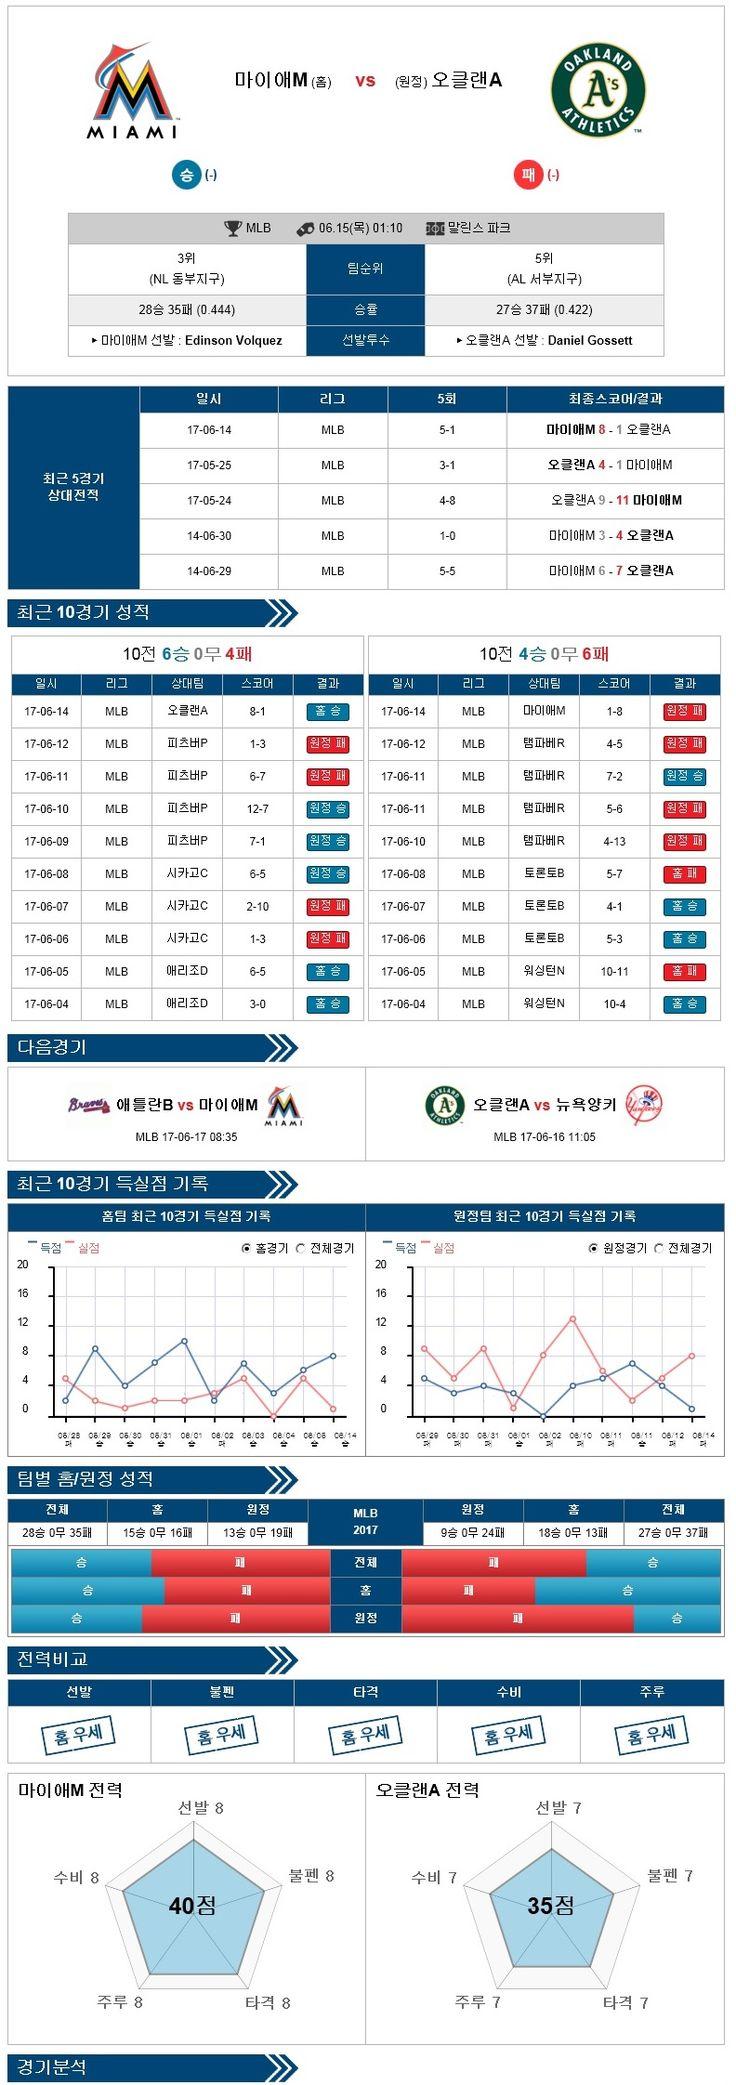 [MLB] 6월 15일 야구분석픽  마이애미vs오클랜드 ★토토군 분석픽★